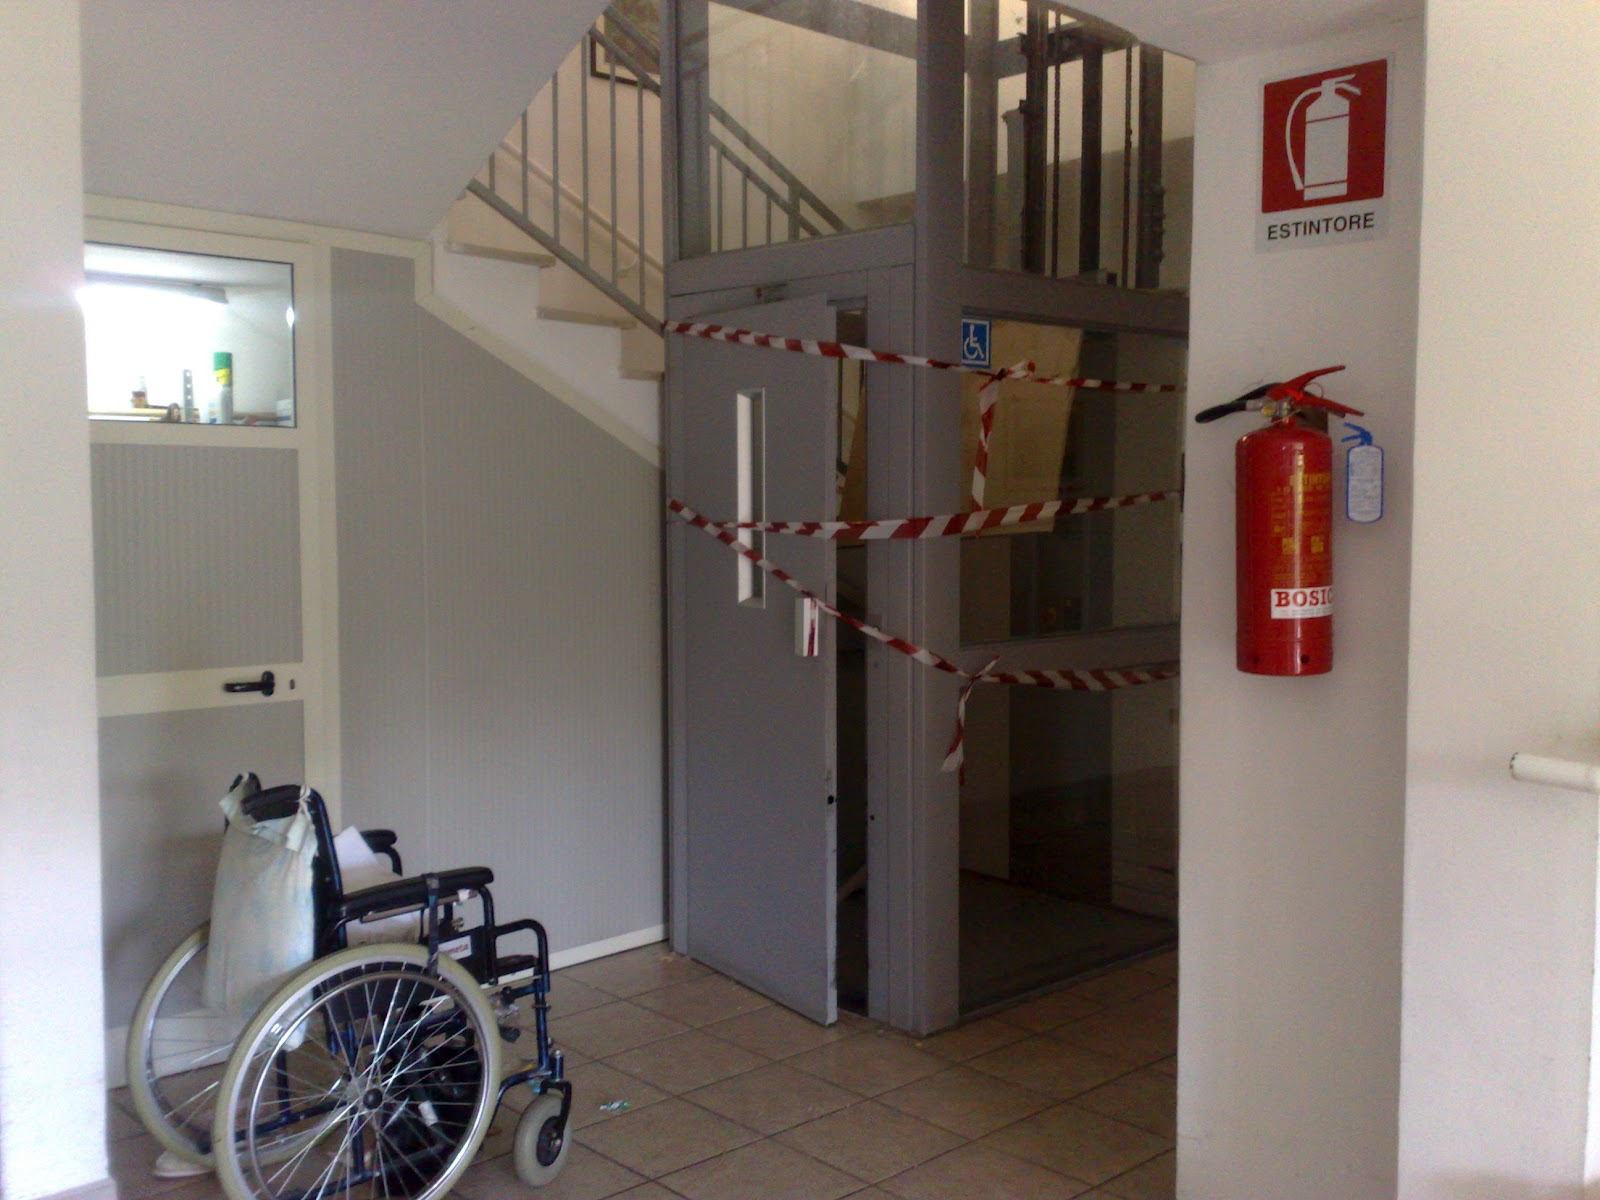 Centroabruzzonews precipita ascensore in casa riposo - Ascensore in casa ...